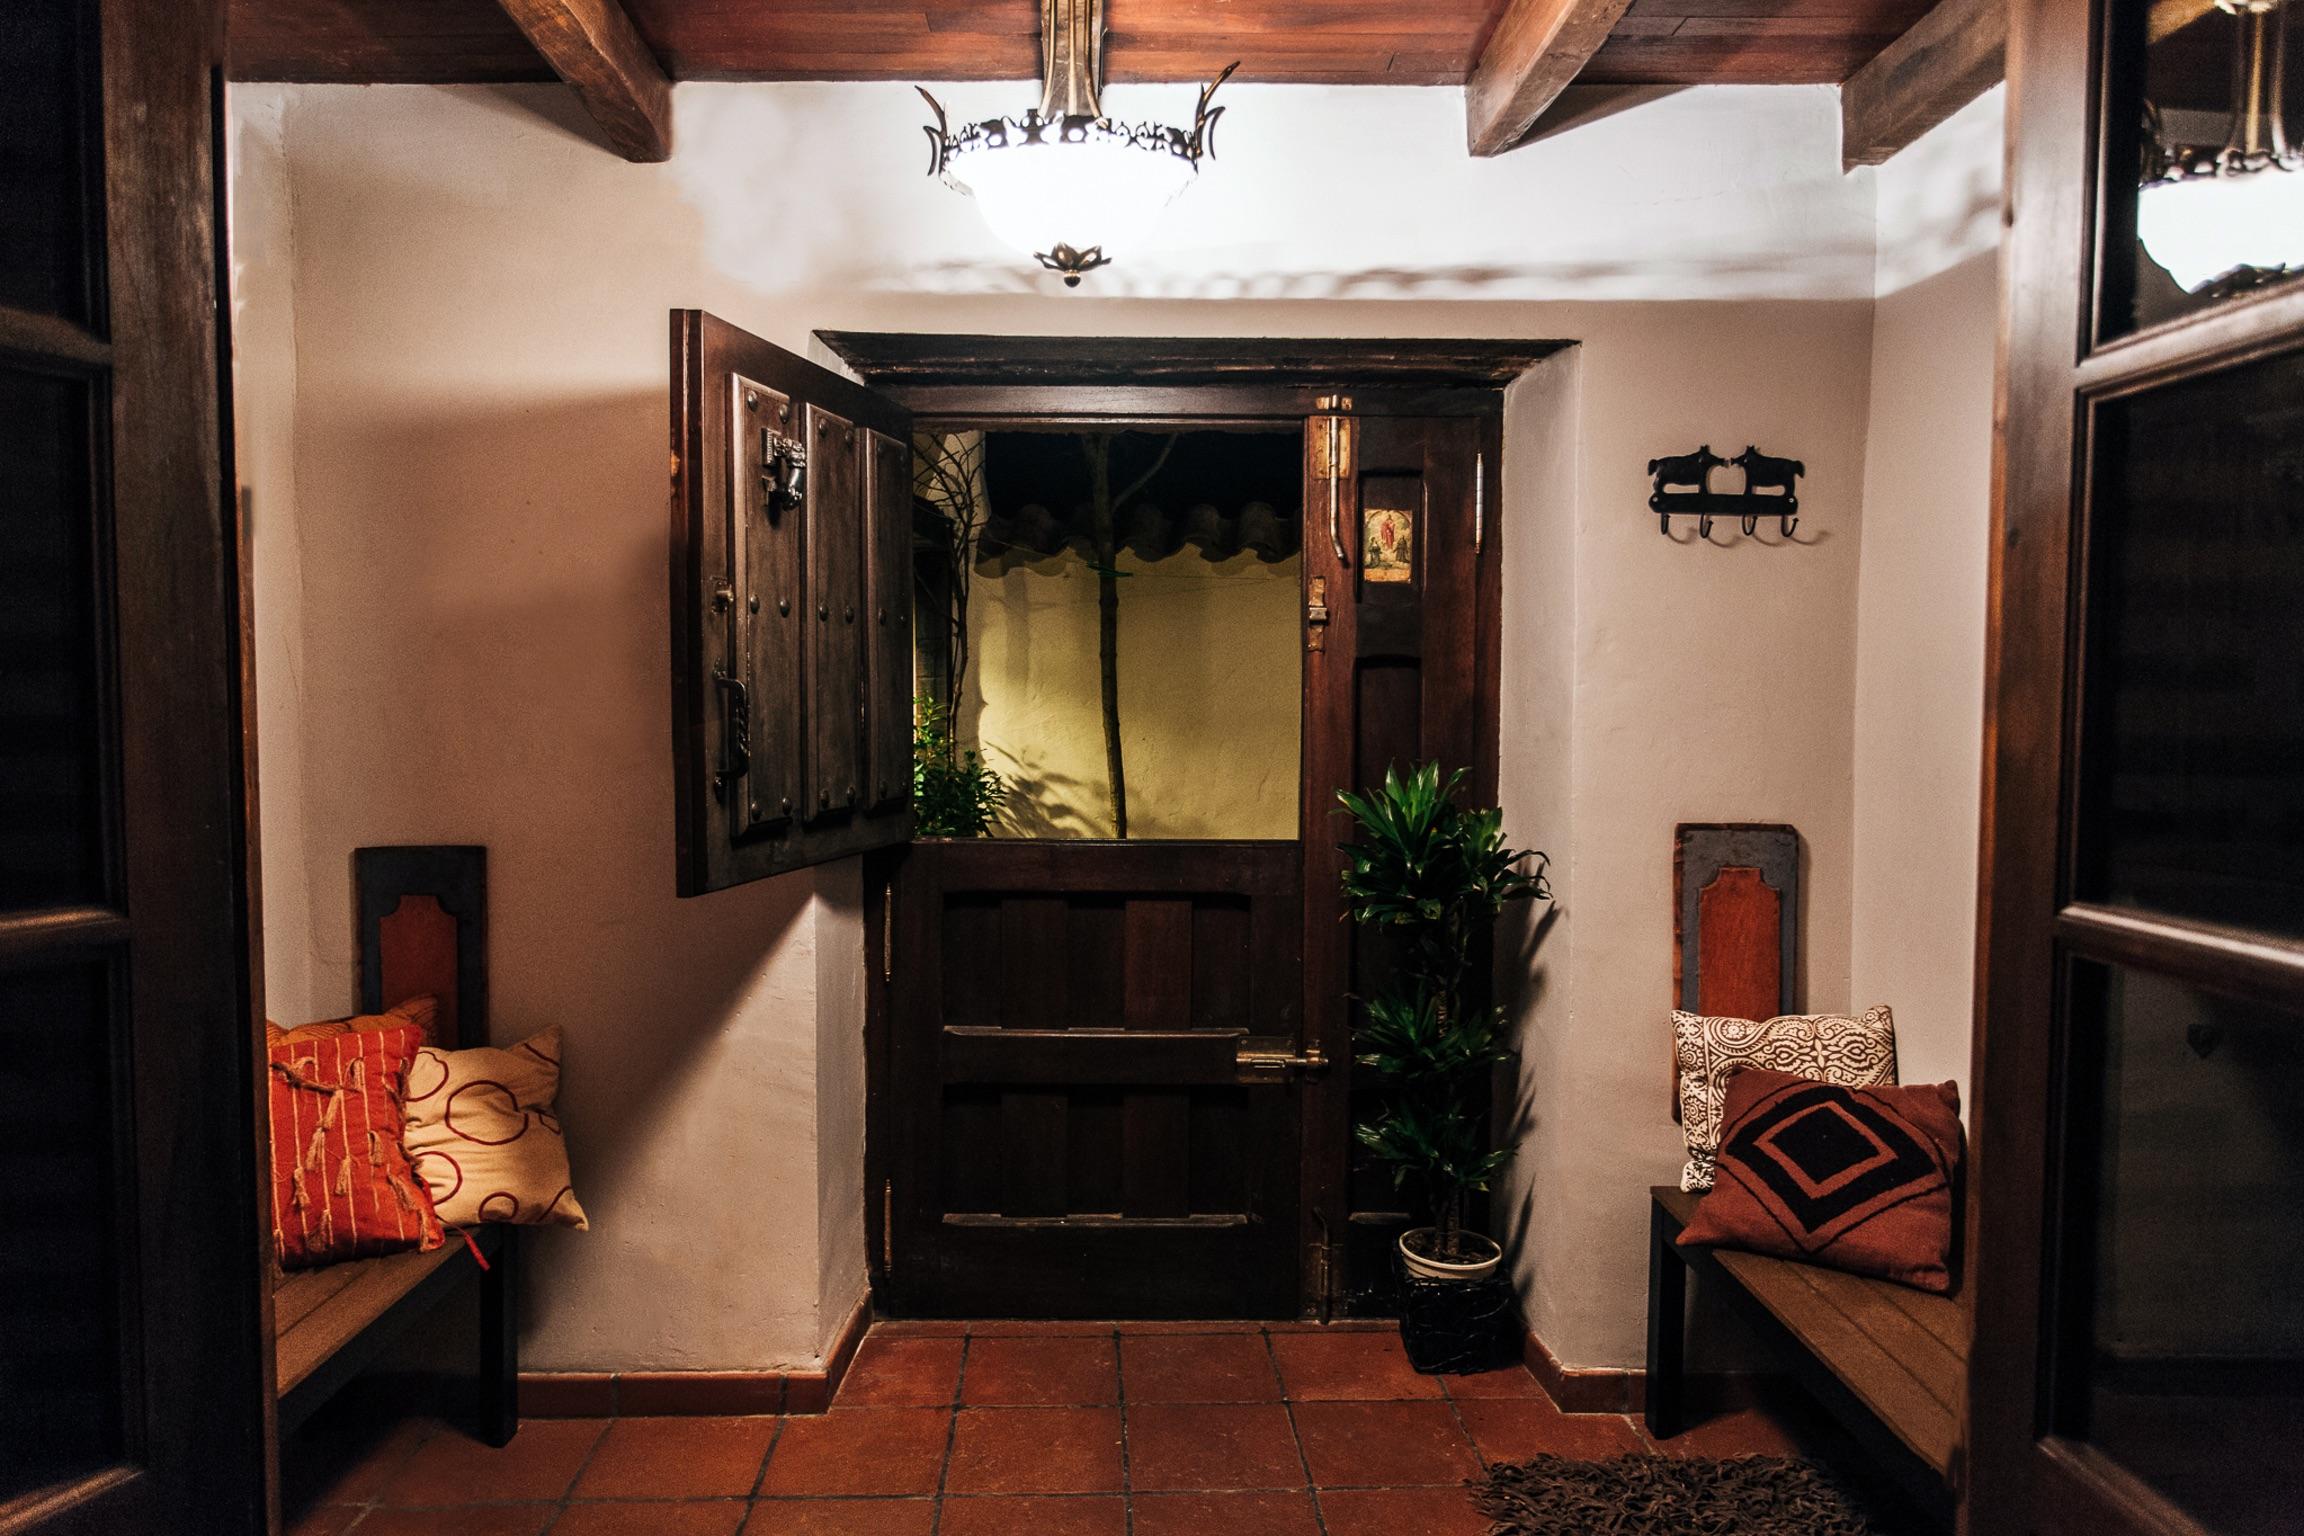 Ferienhaus Haus mit 5 Zimmern in Fuenteodra mit toller Aussicht auf die Berge, eingezäuntem Garten un (2211142), Fuenteodra, Burgos, Kastilien-León, Spanien, Bild 38